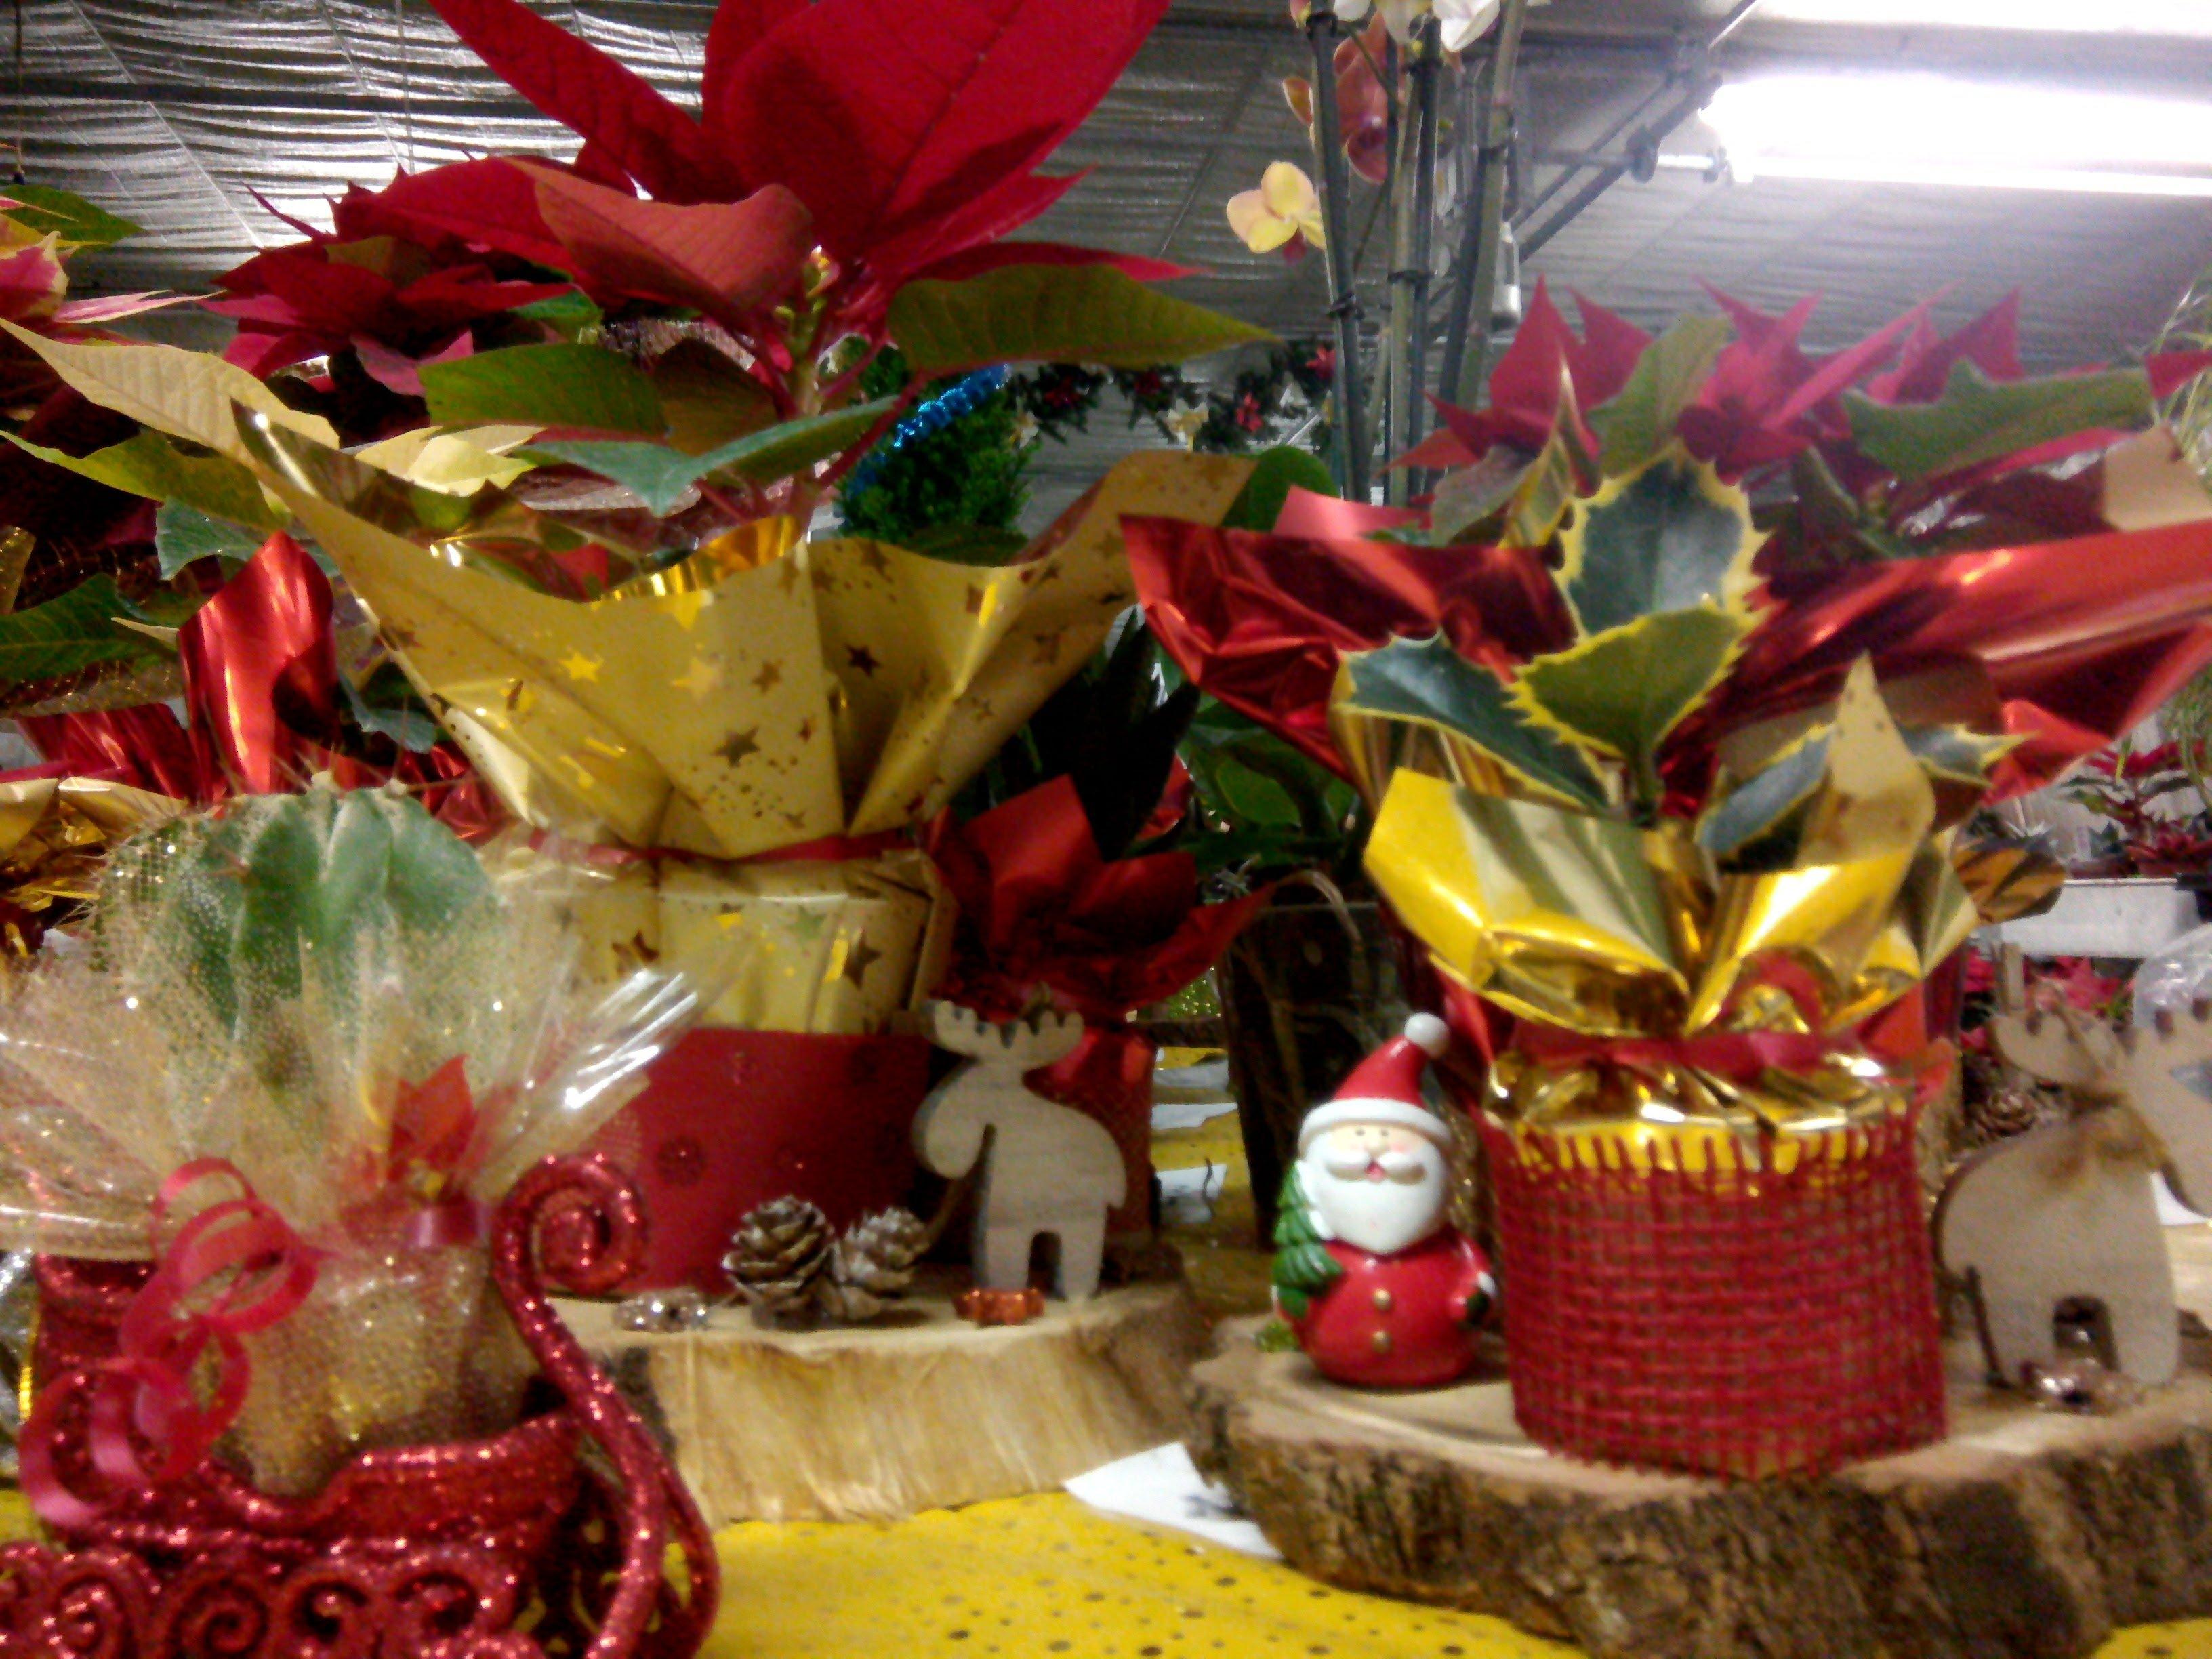 fiori e articoli da regalo